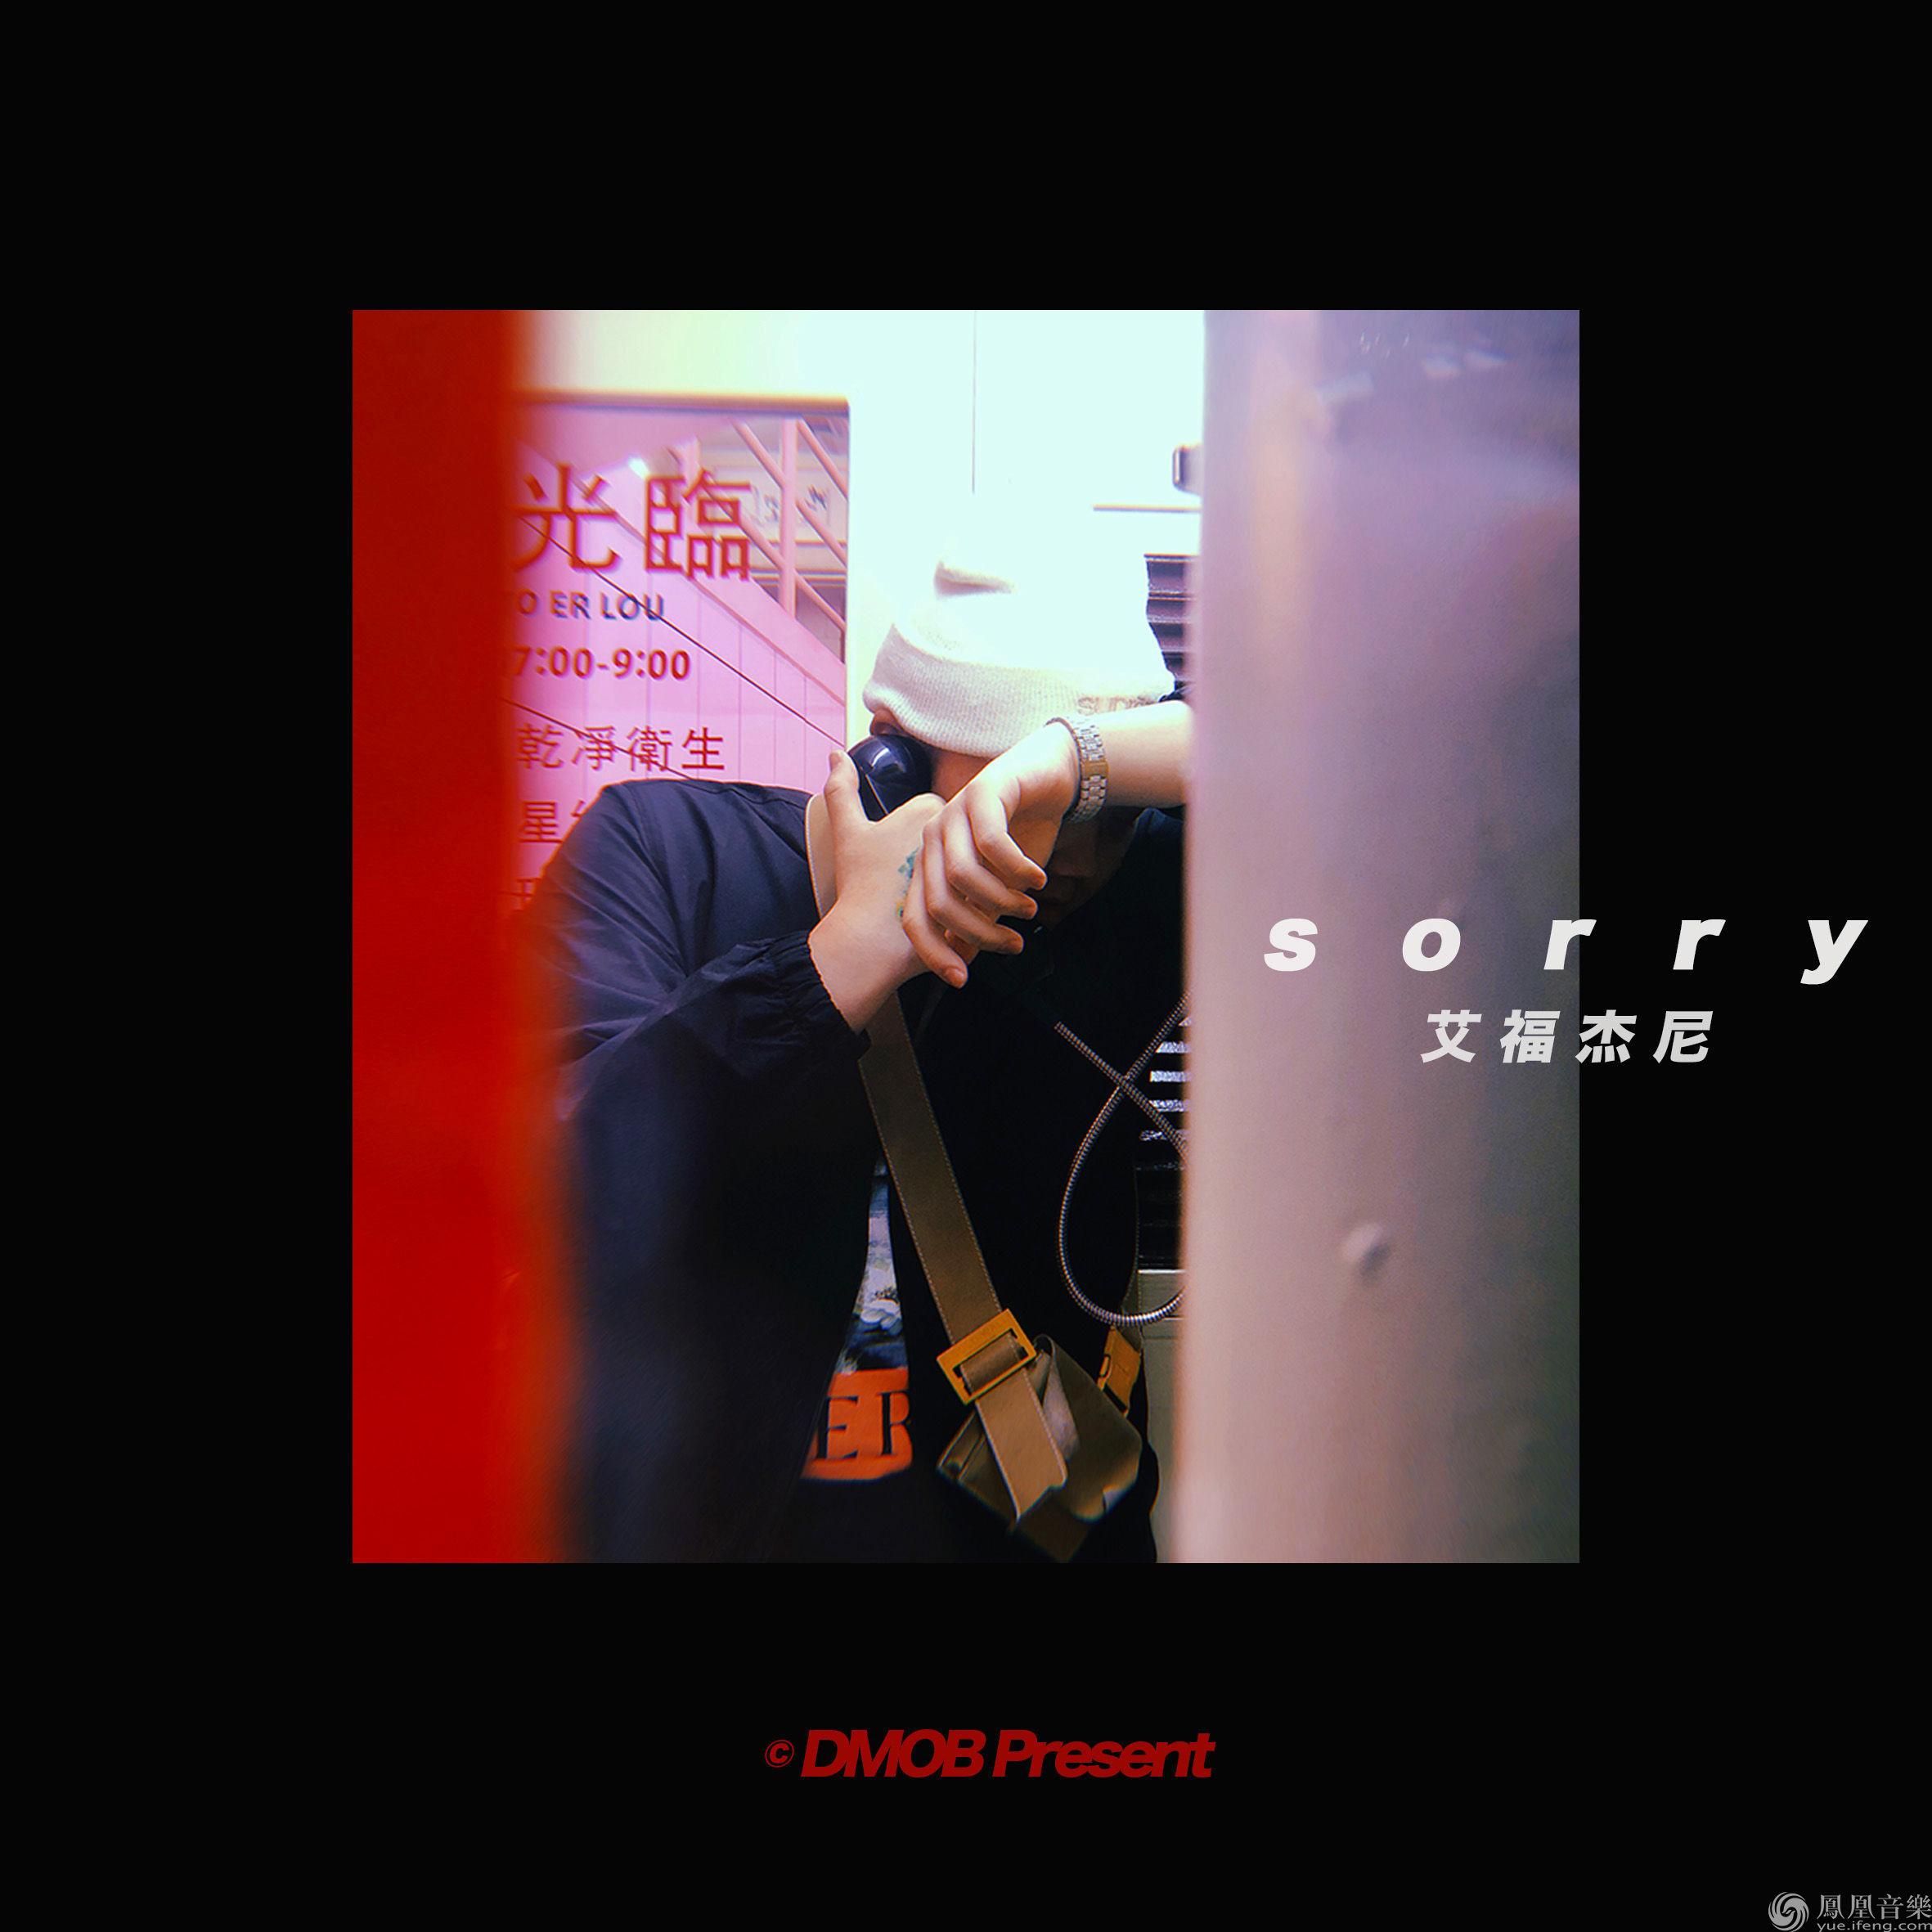 艾福杰尼讲述赛后内心感悟 生日发布全新单曲《sorry》回馈粉丝